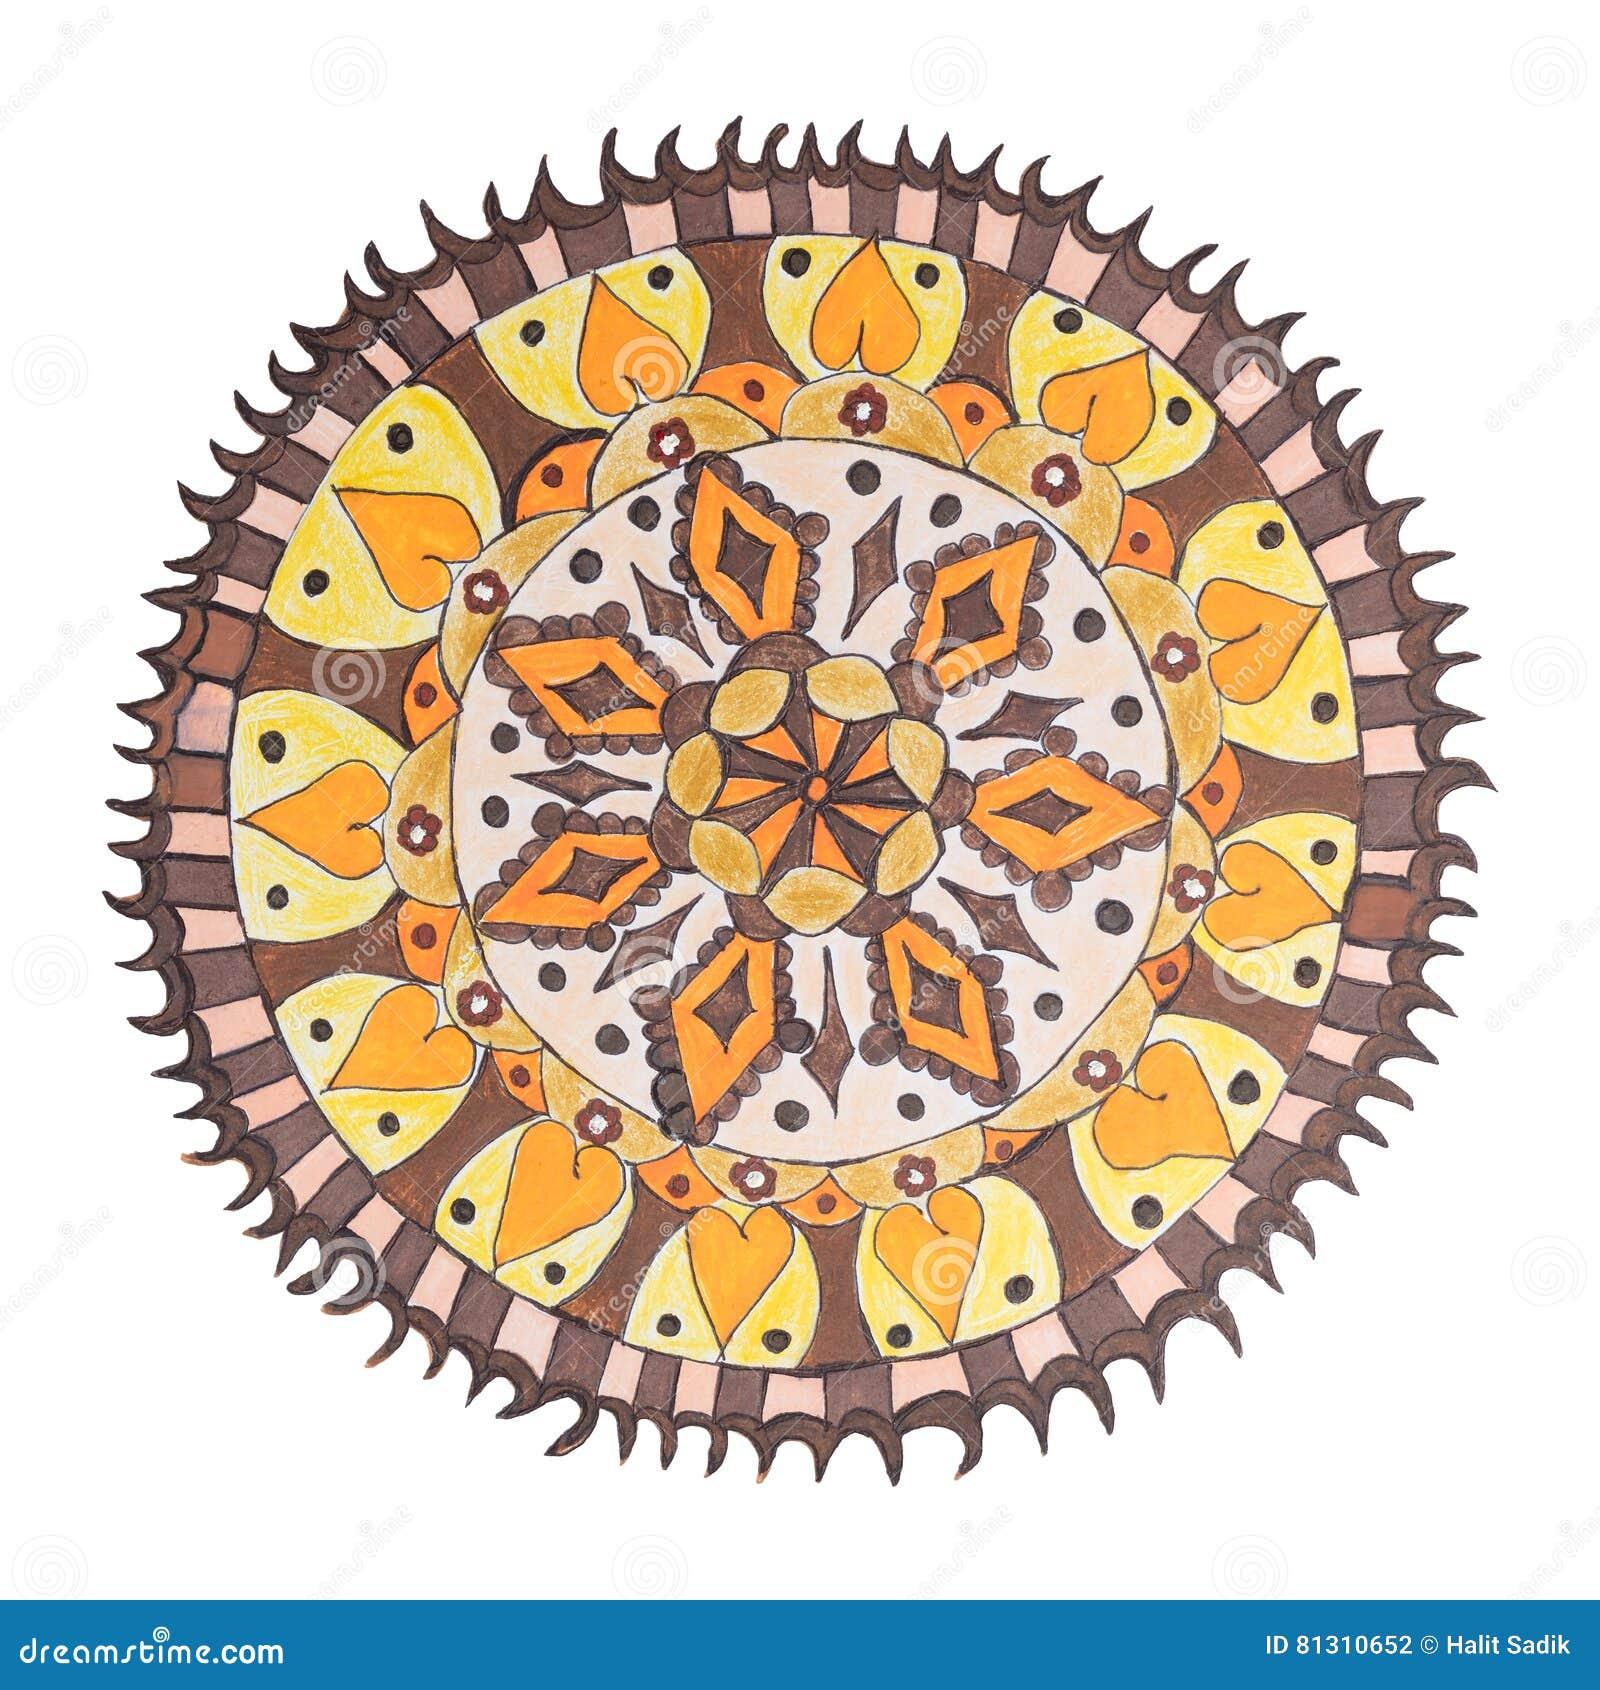 Colorful decorative hand drawn mandala pattern